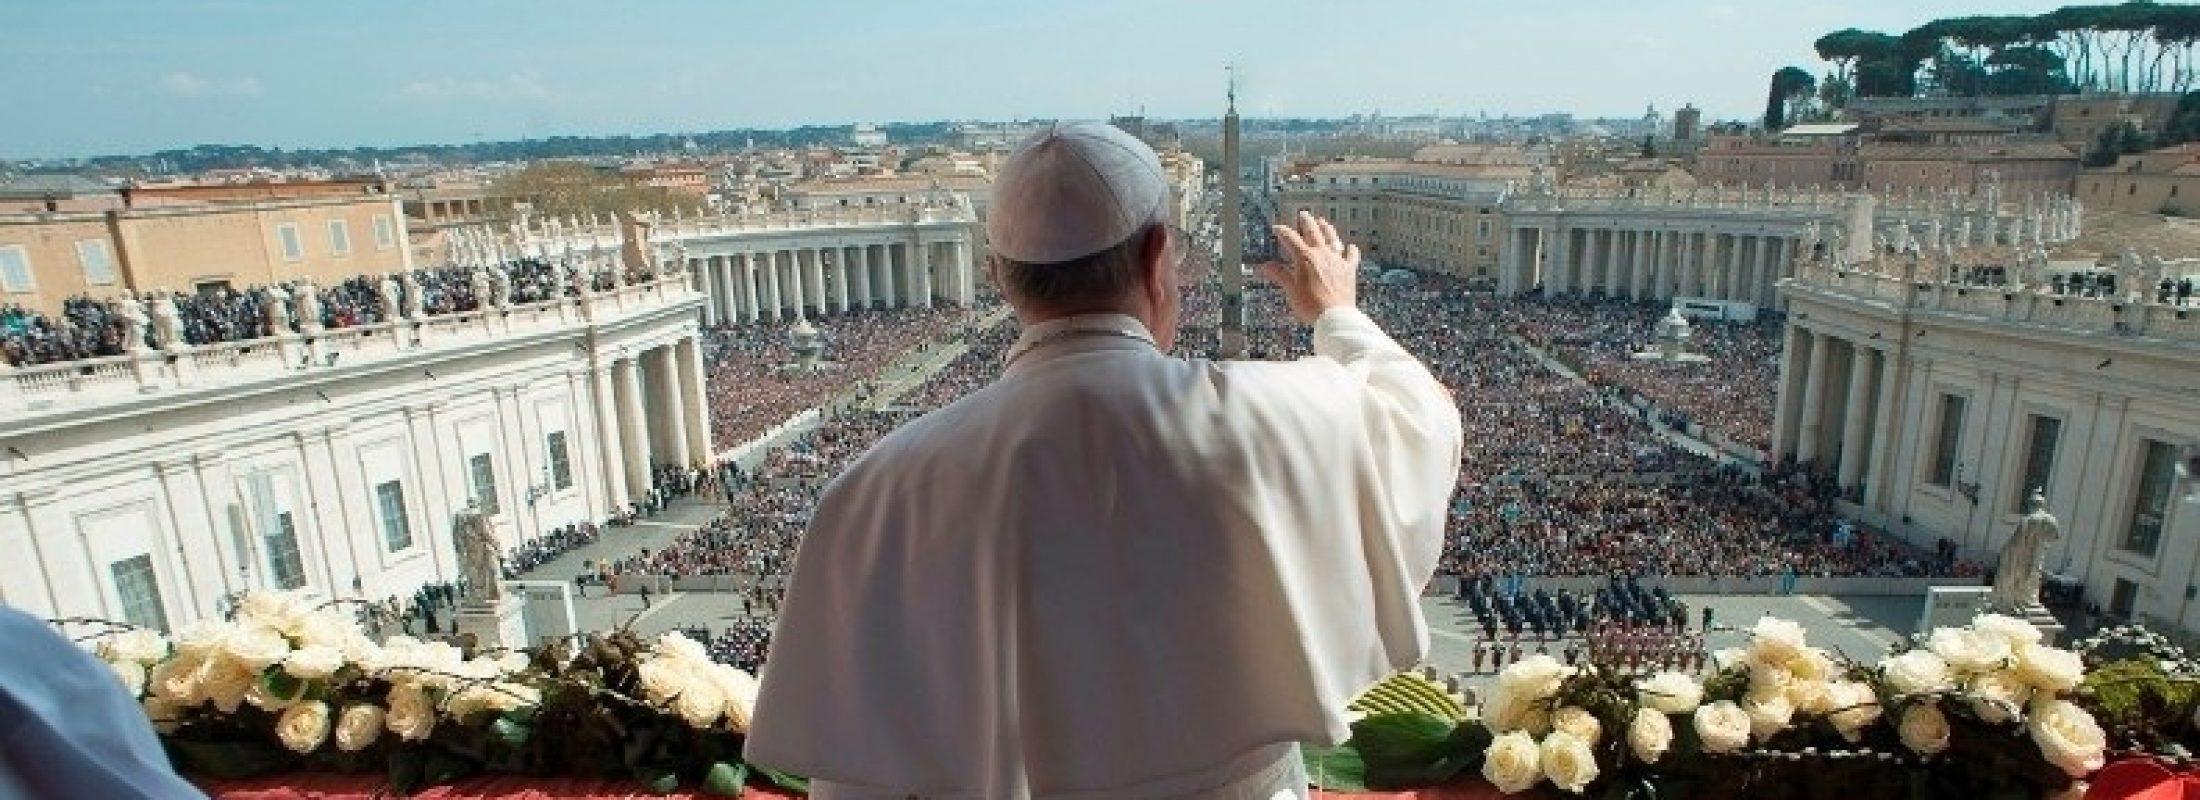 urbi et orbi 2017 papa francisco